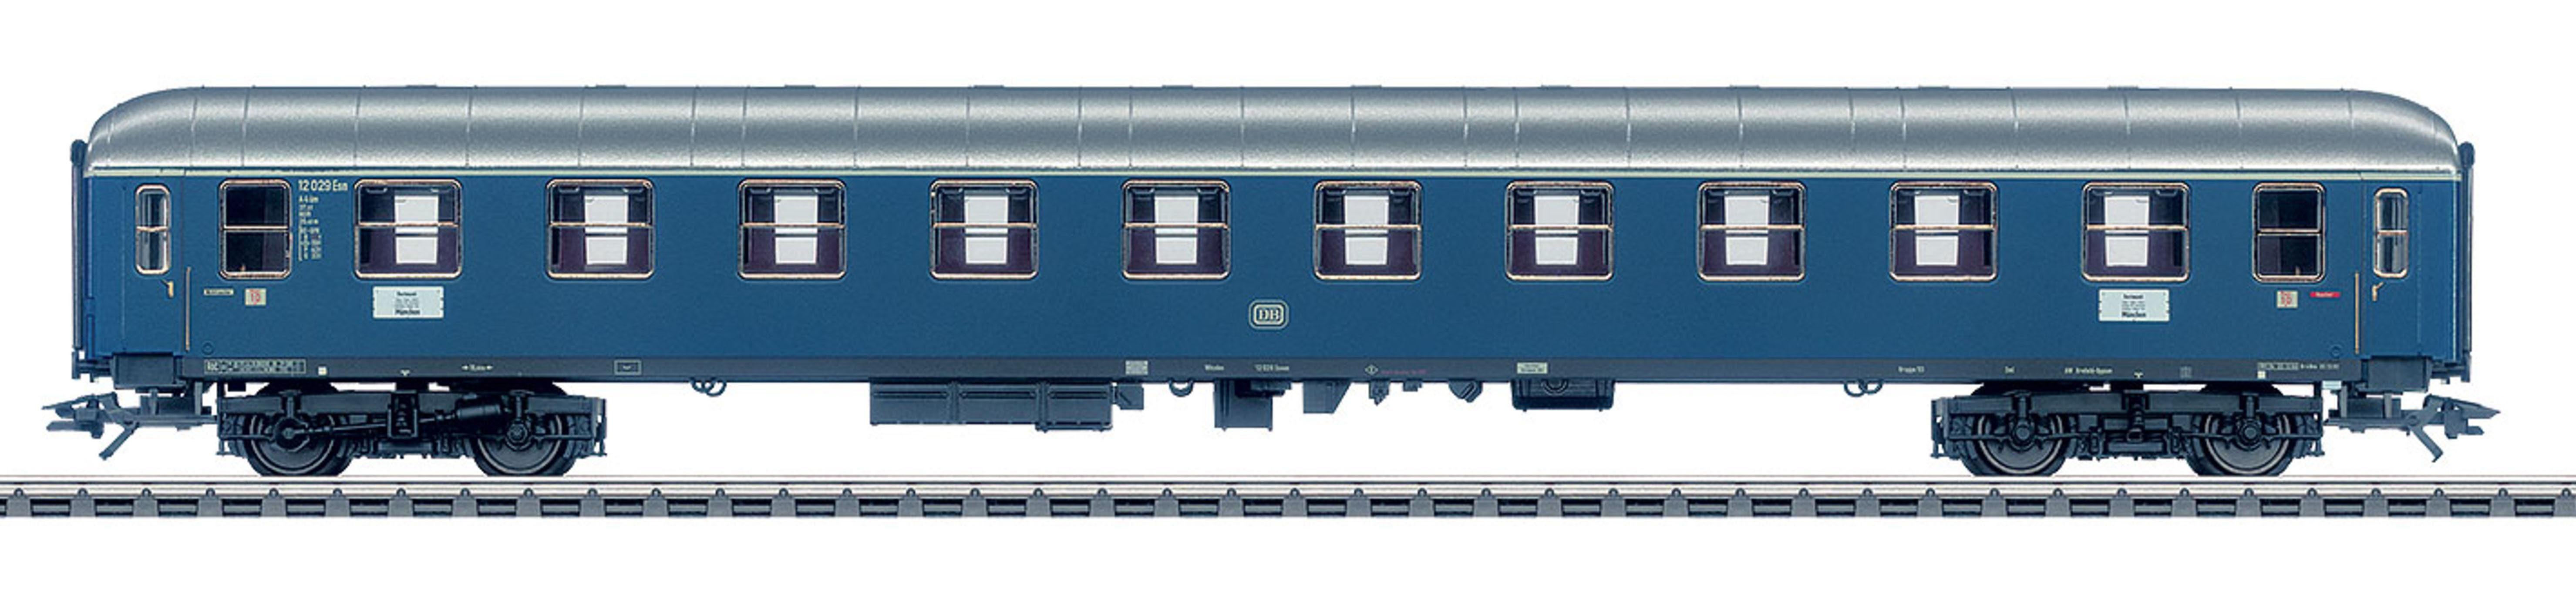 Märklin Personenwagen, Spur H0, »Schnellzugwagen, 1. Klasse, DB, Wechselstrom - 43910«